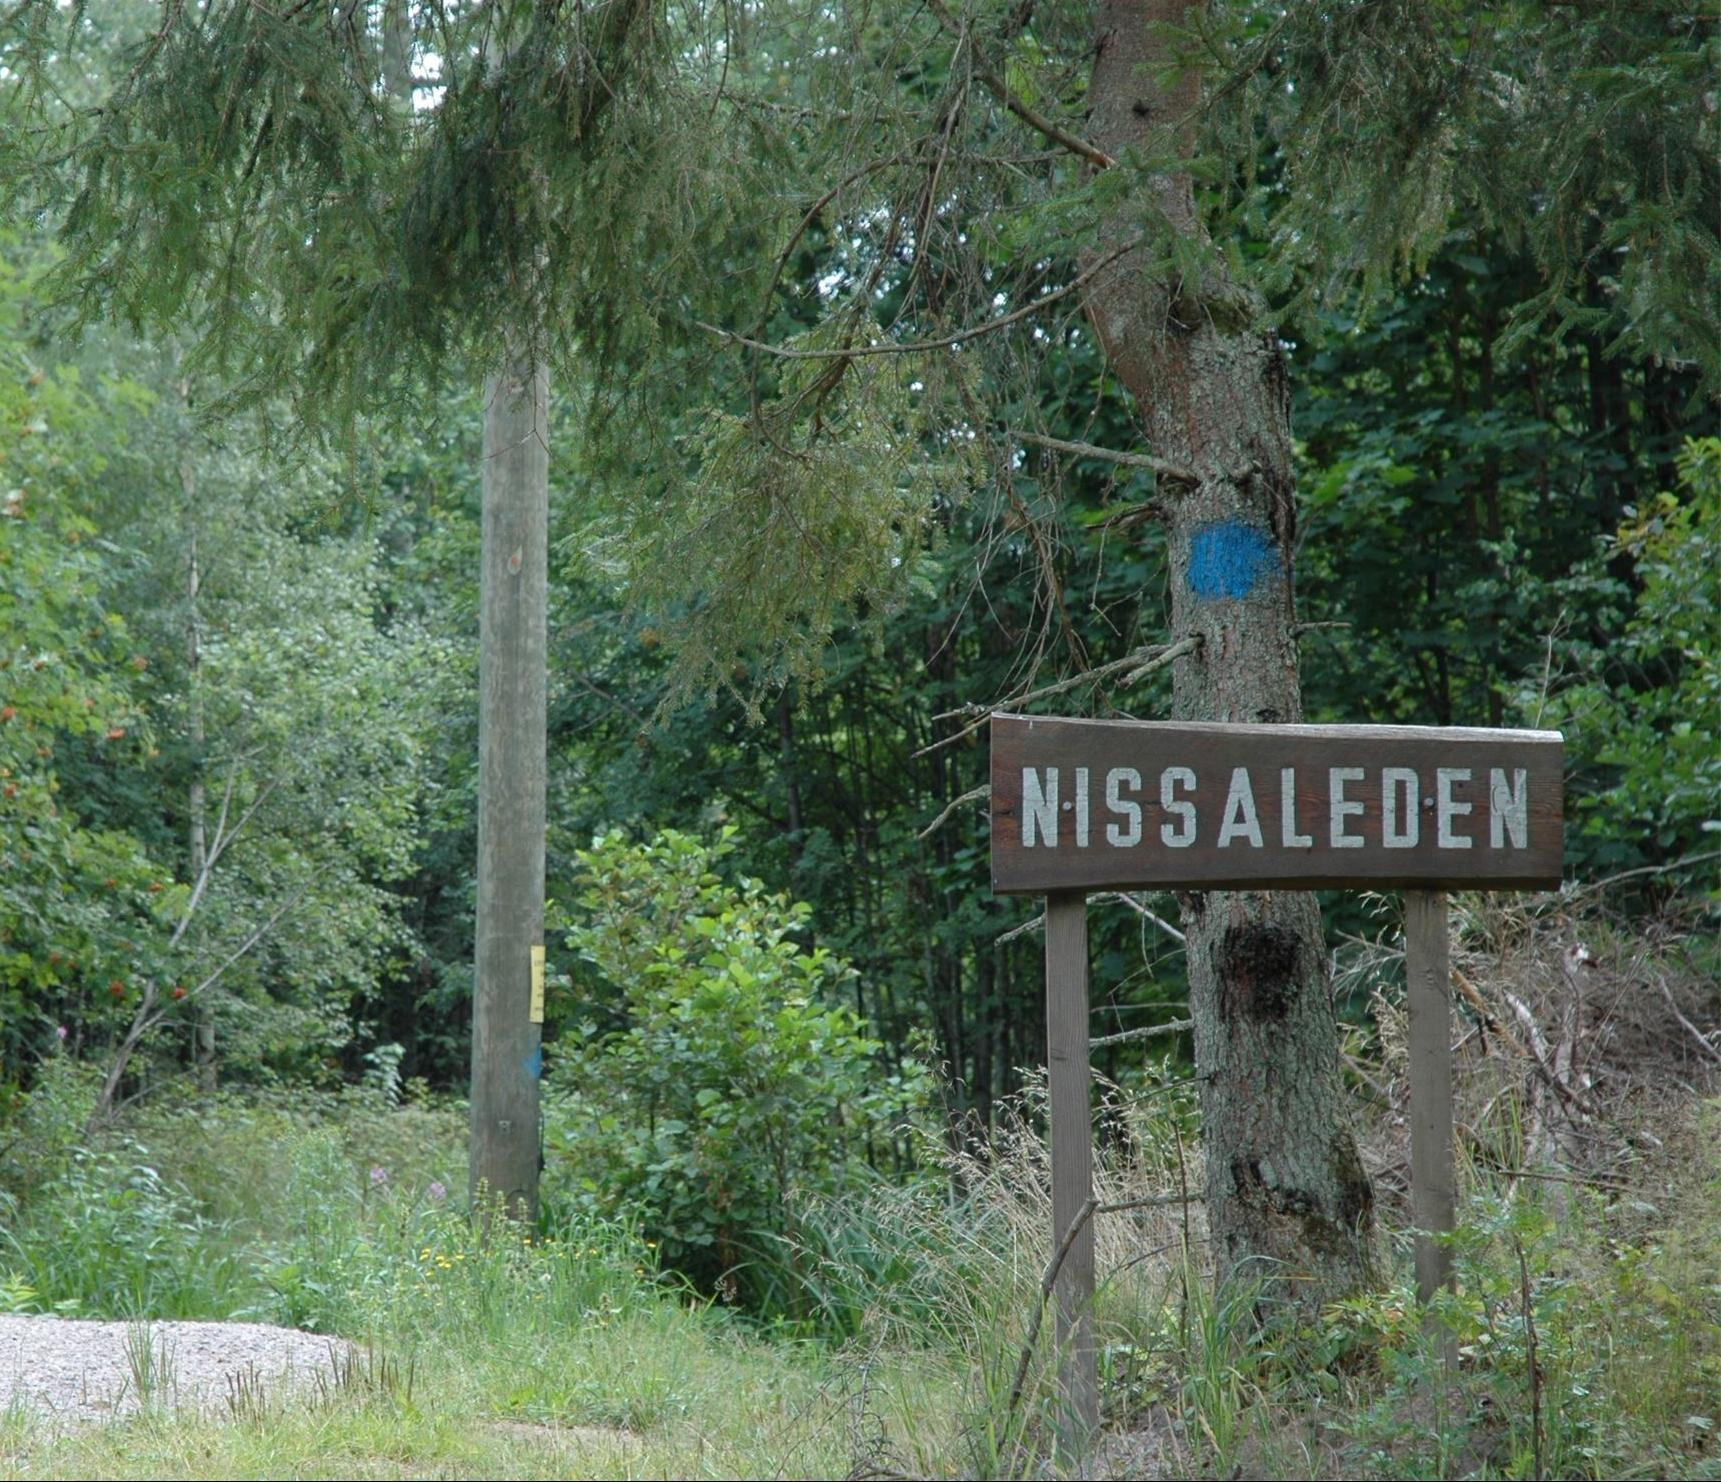 © Gislaveds kommun, Nissanleden